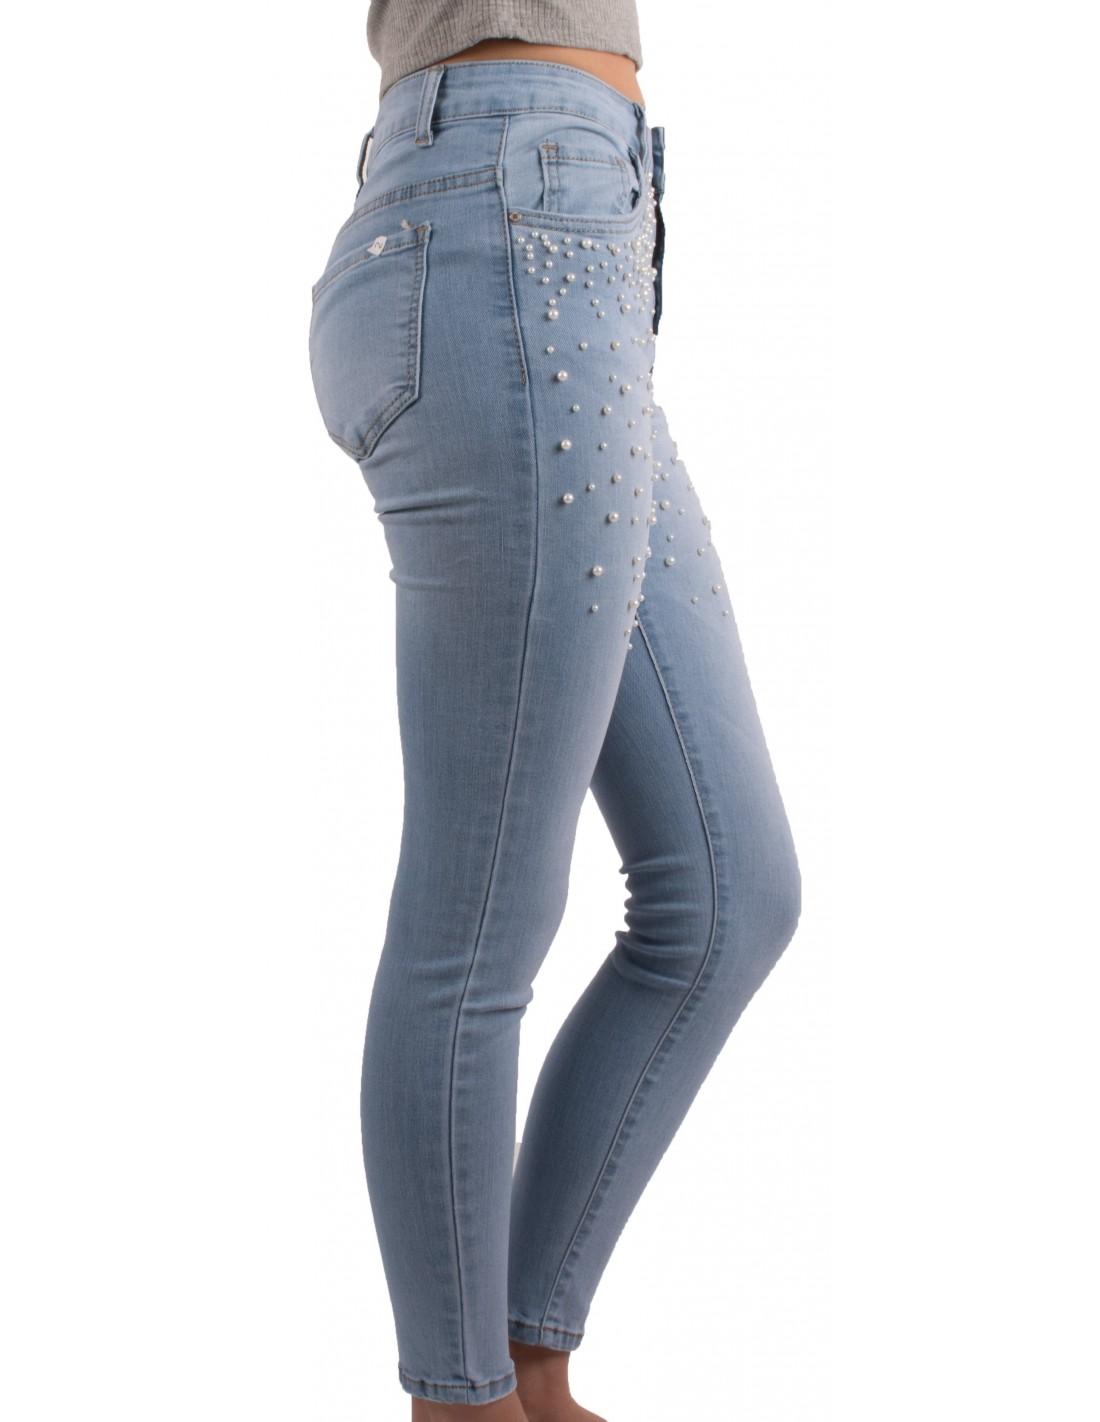 Perles Taille Femme Clair Coloris À Slim Haute Jean Bleu Ygybf76v